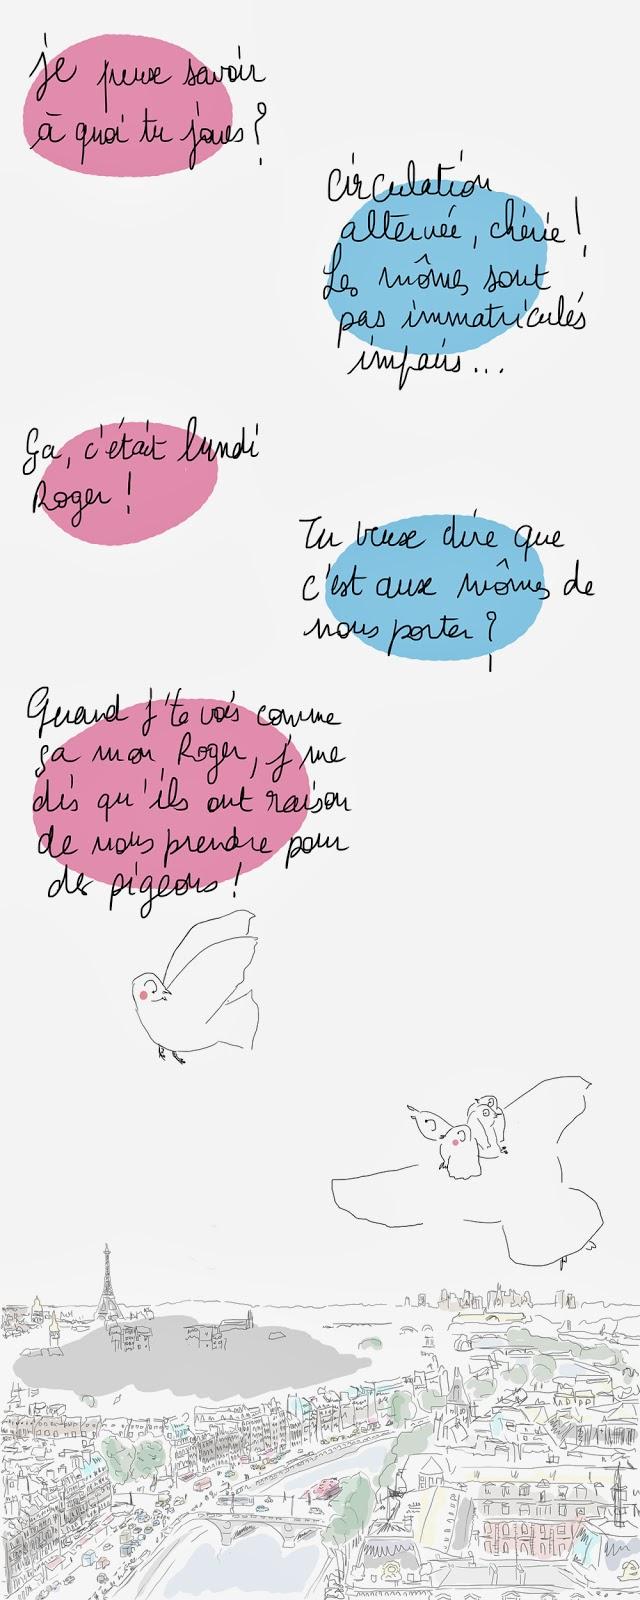 circulation alternée, pollution Paris 2014, illustration la vie selon l, lucie paris legret